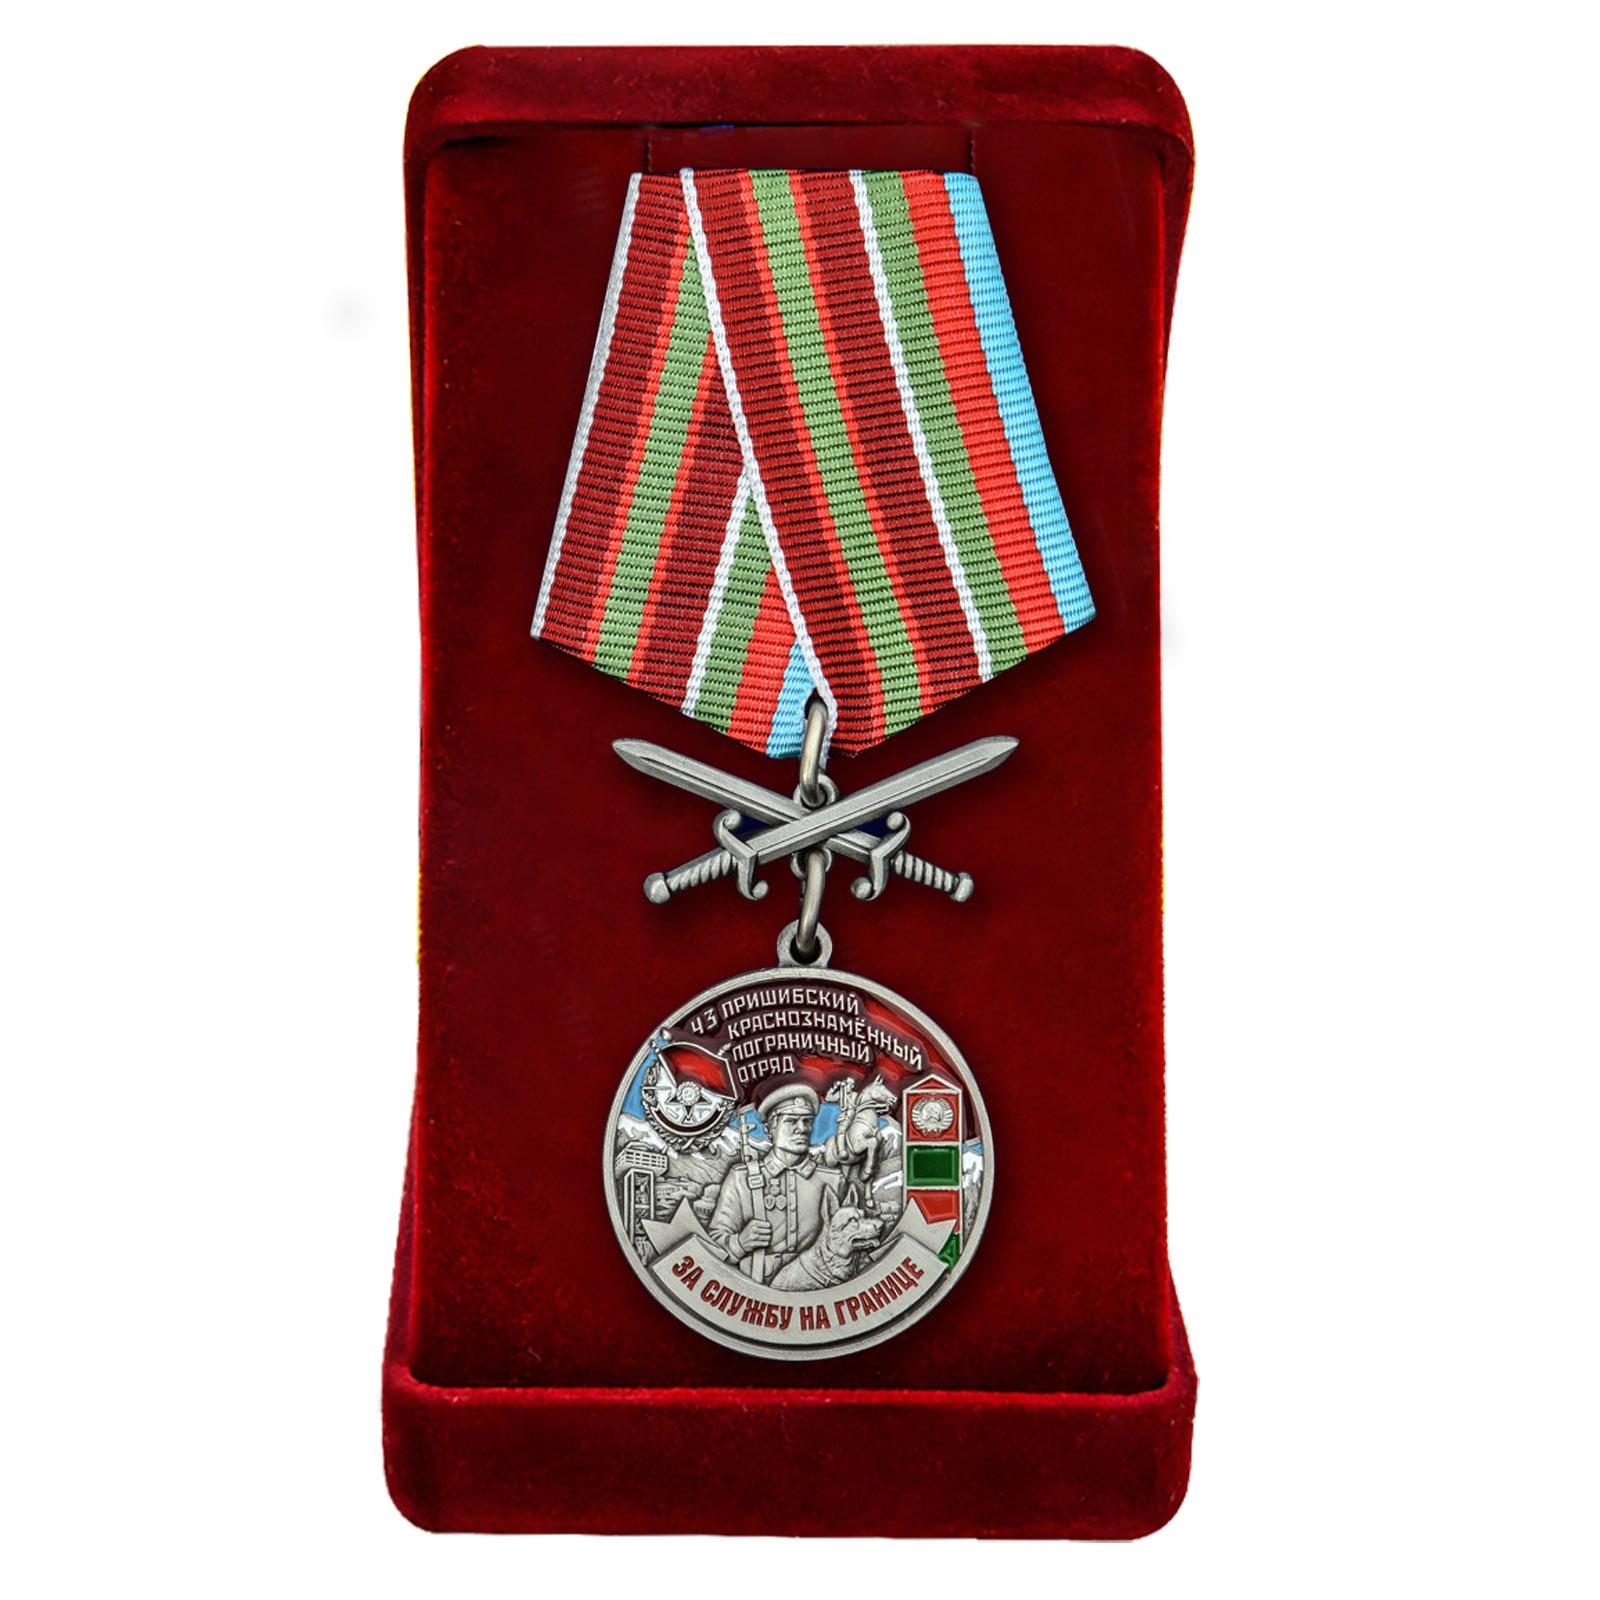 Купить медаль За службу на границе (43 Пришибский ПогО) по лучшей цене